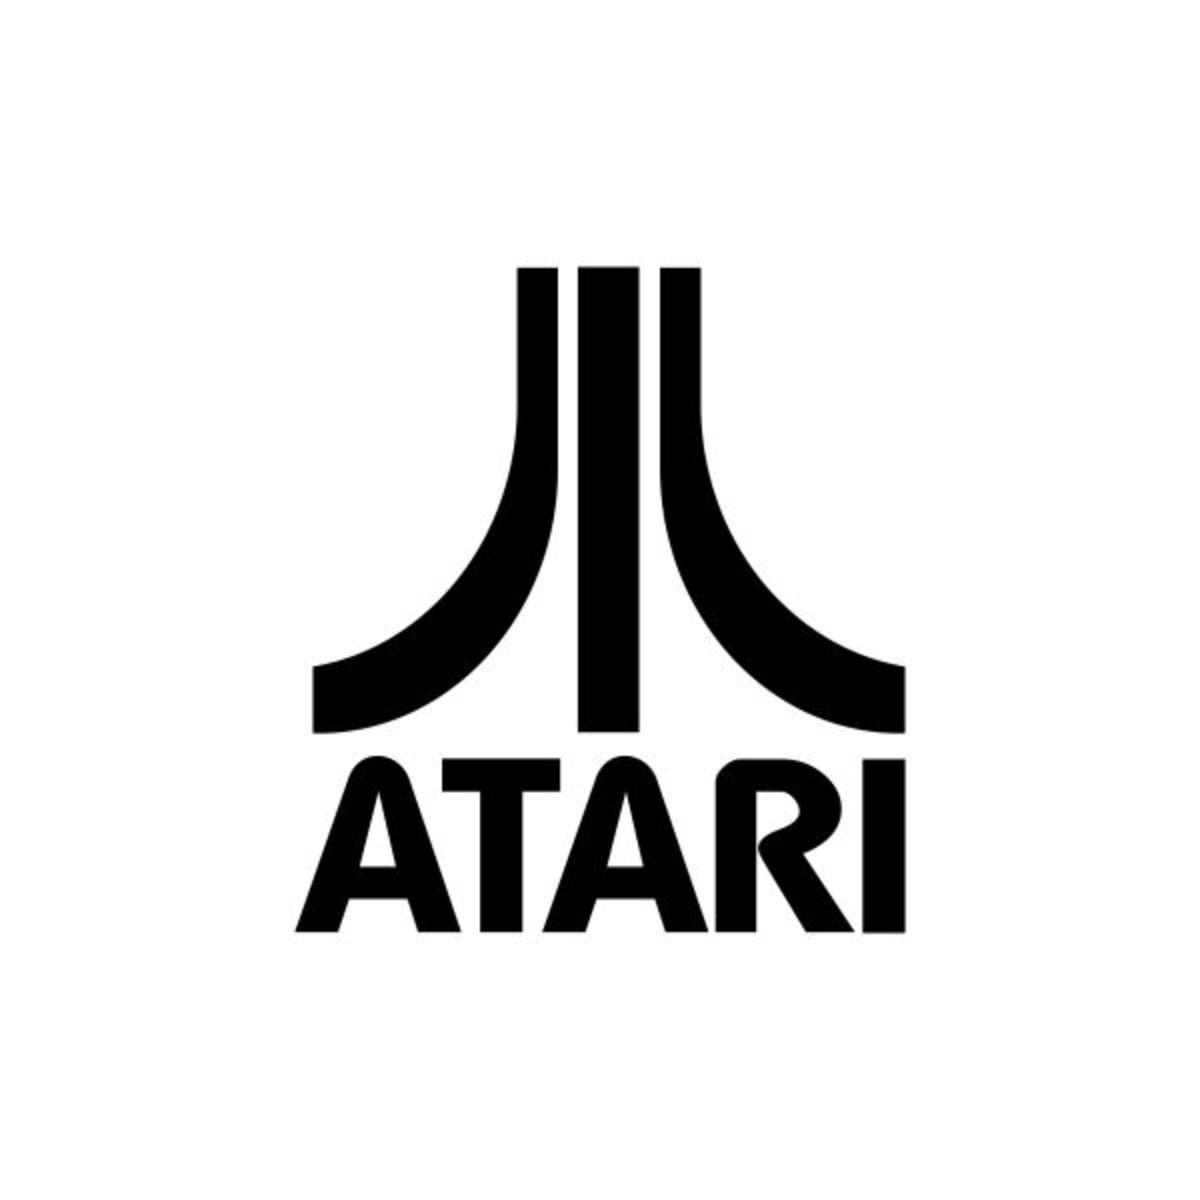 Adesivo Atari Vídeo Game Anos 70 no Elo7  f6bf1bbb90f